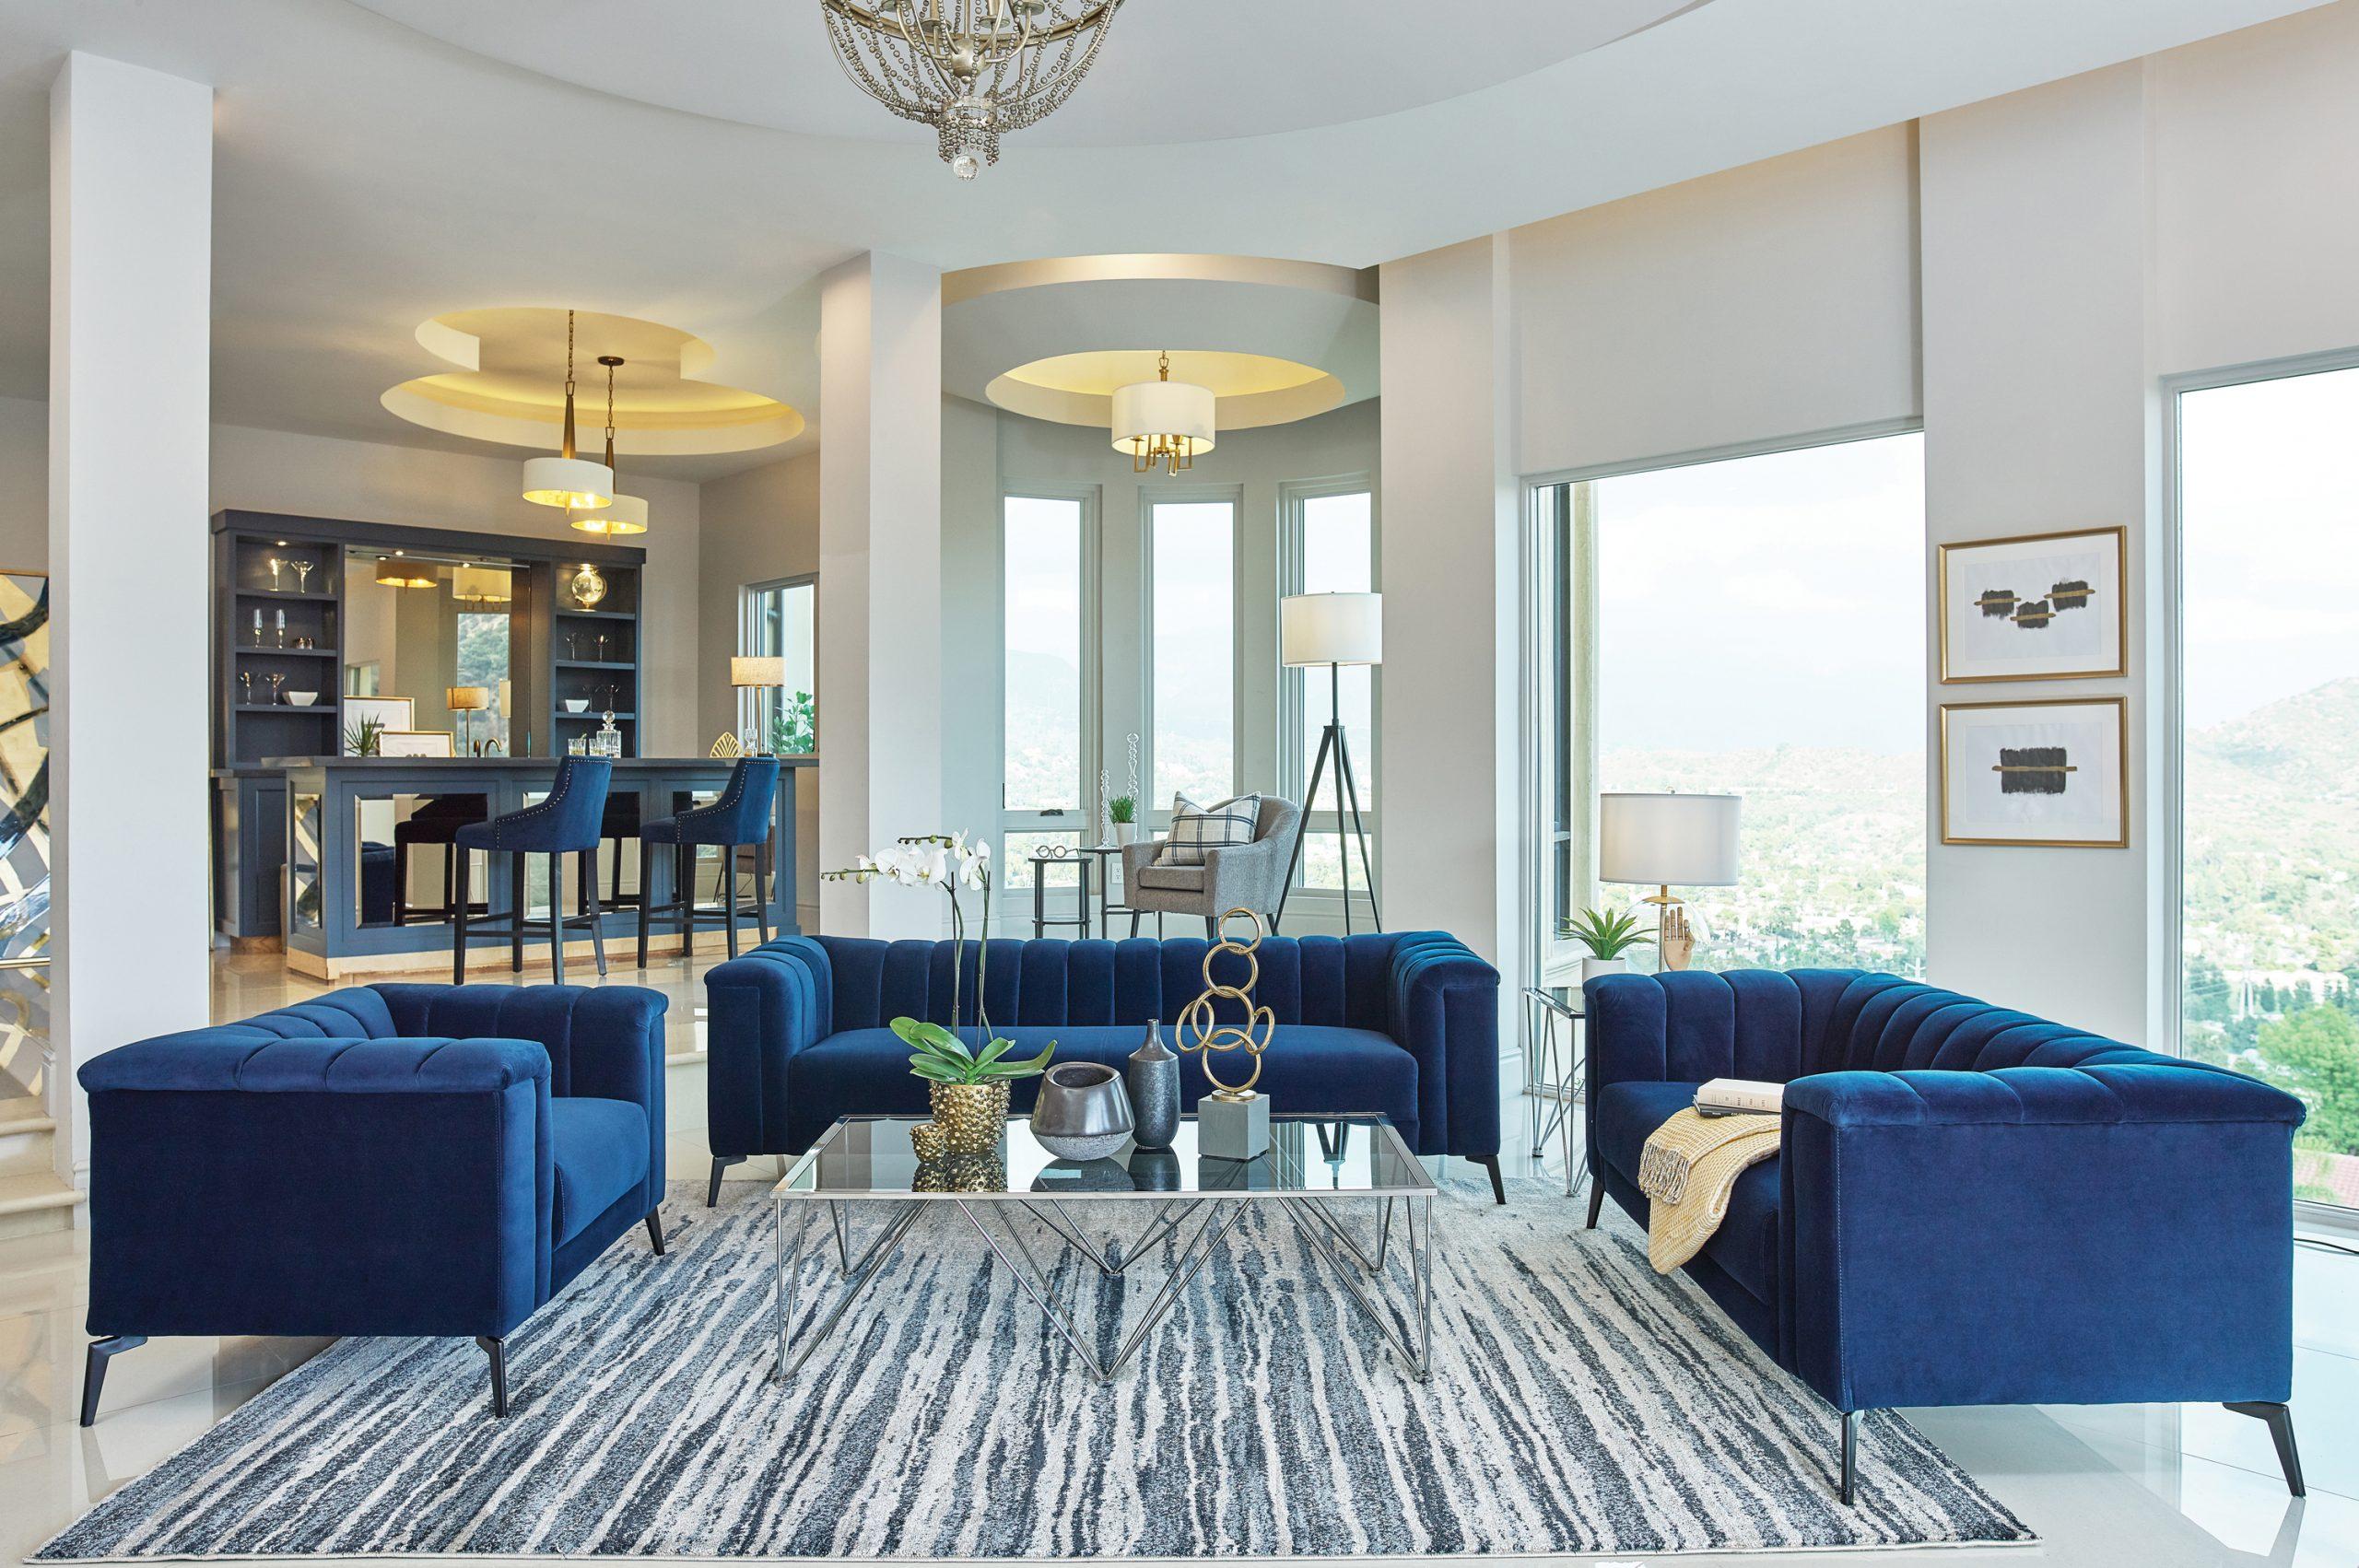 509211 Chalet blue velvet sofa